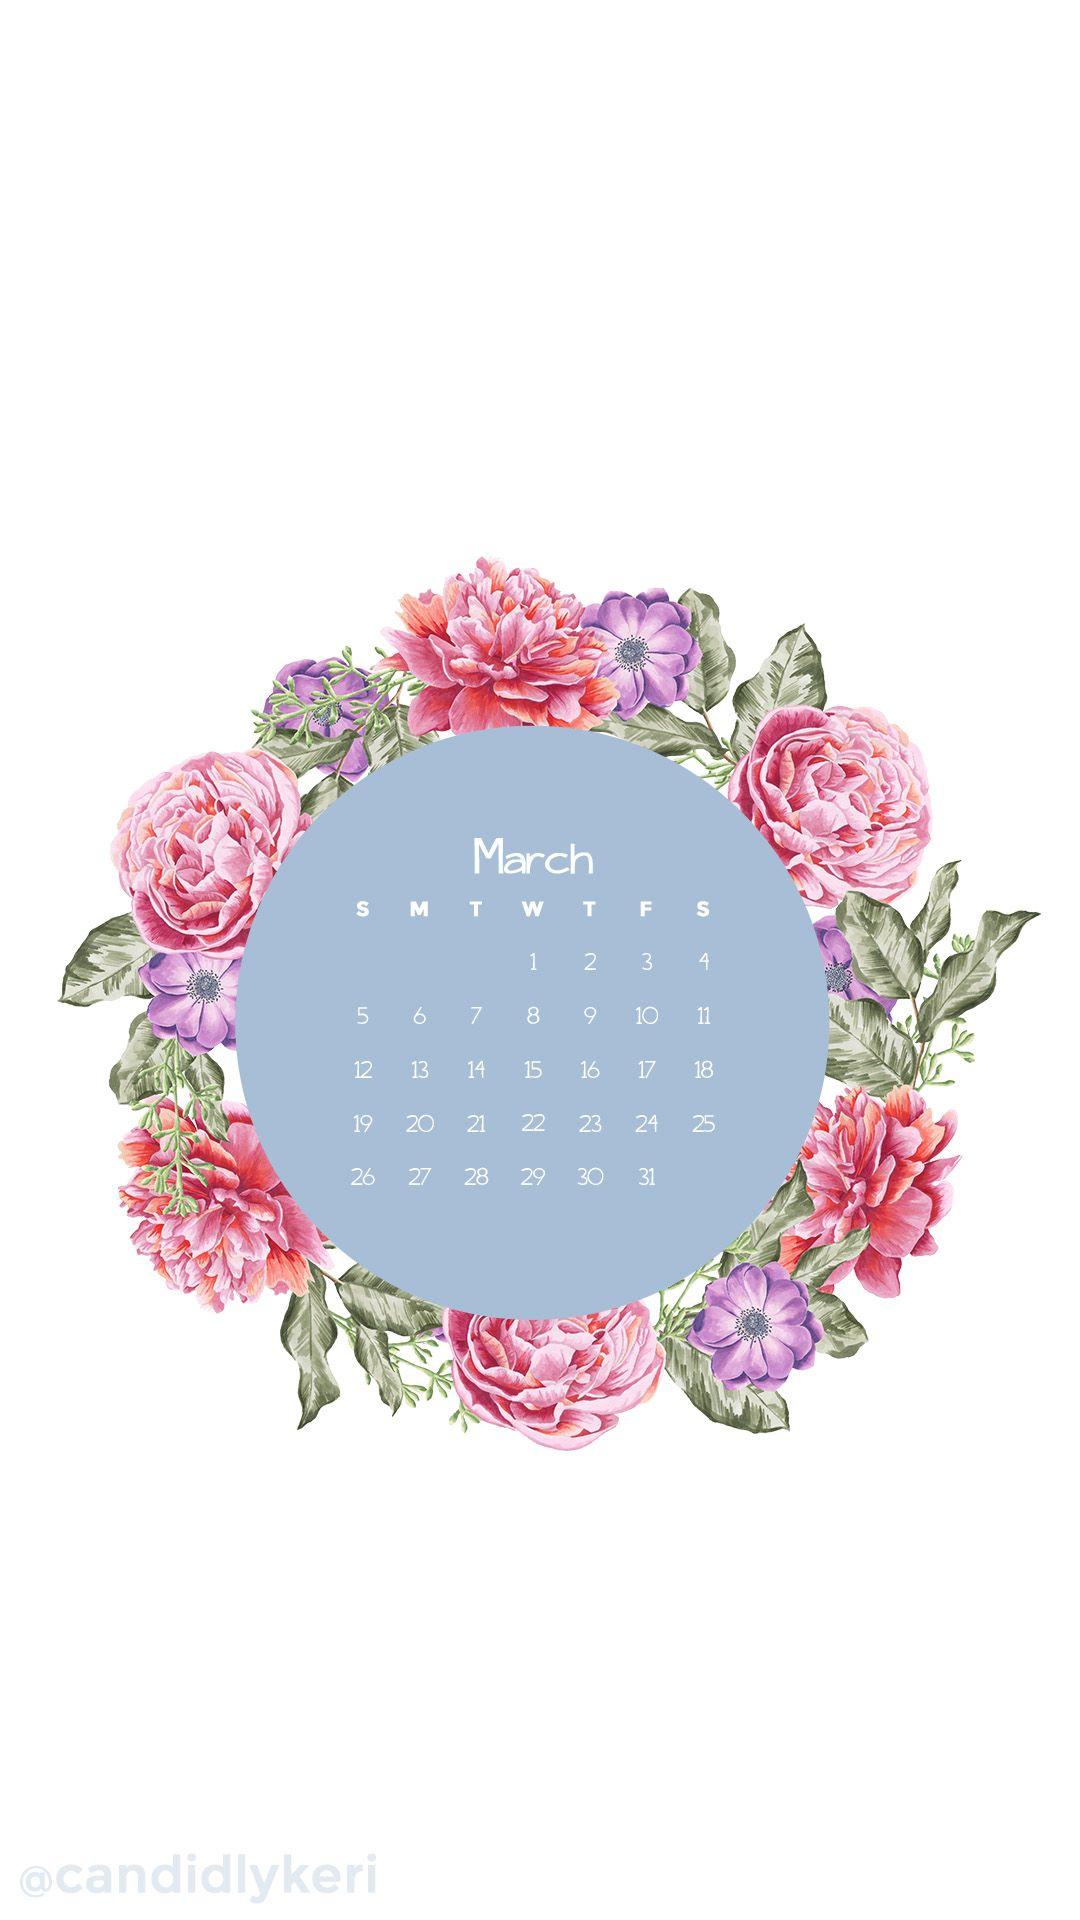 Flower Crown Pink Flower March Calendar 2017 Wallpaper You Can